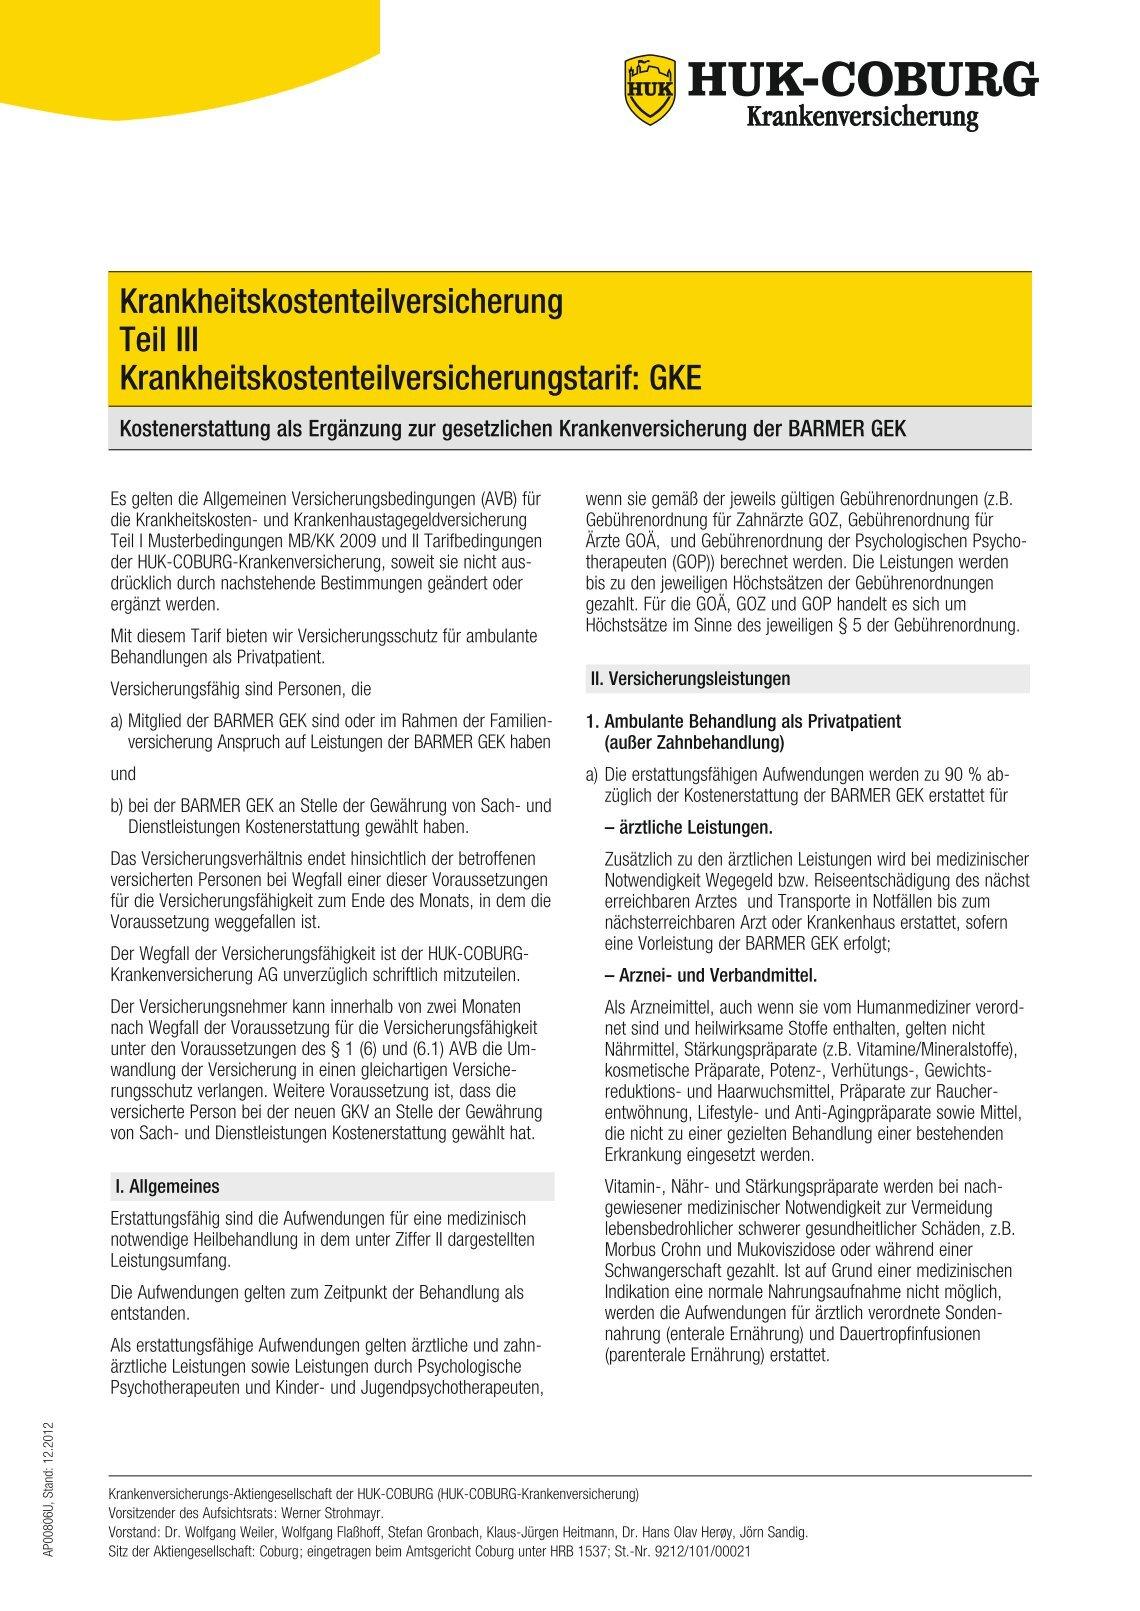 Private Haftpflichtversicherung | HUK-COBURG